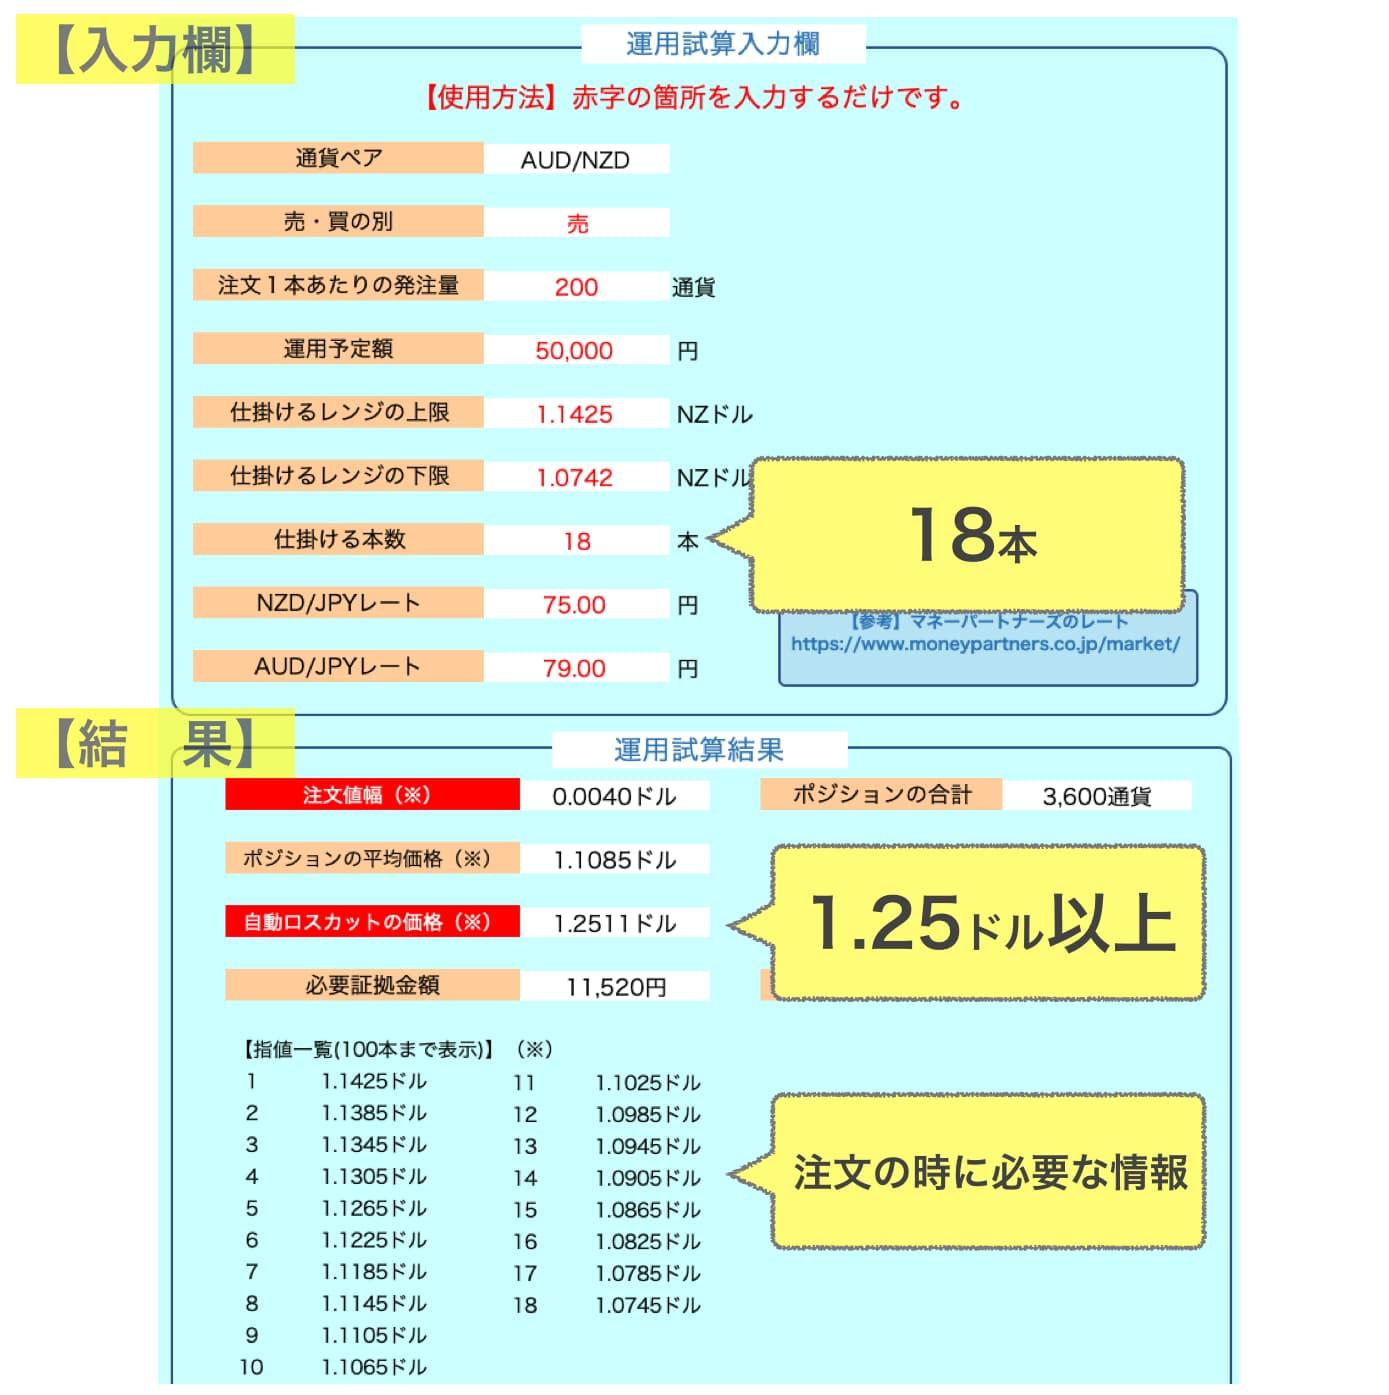 運用試算表の結果2